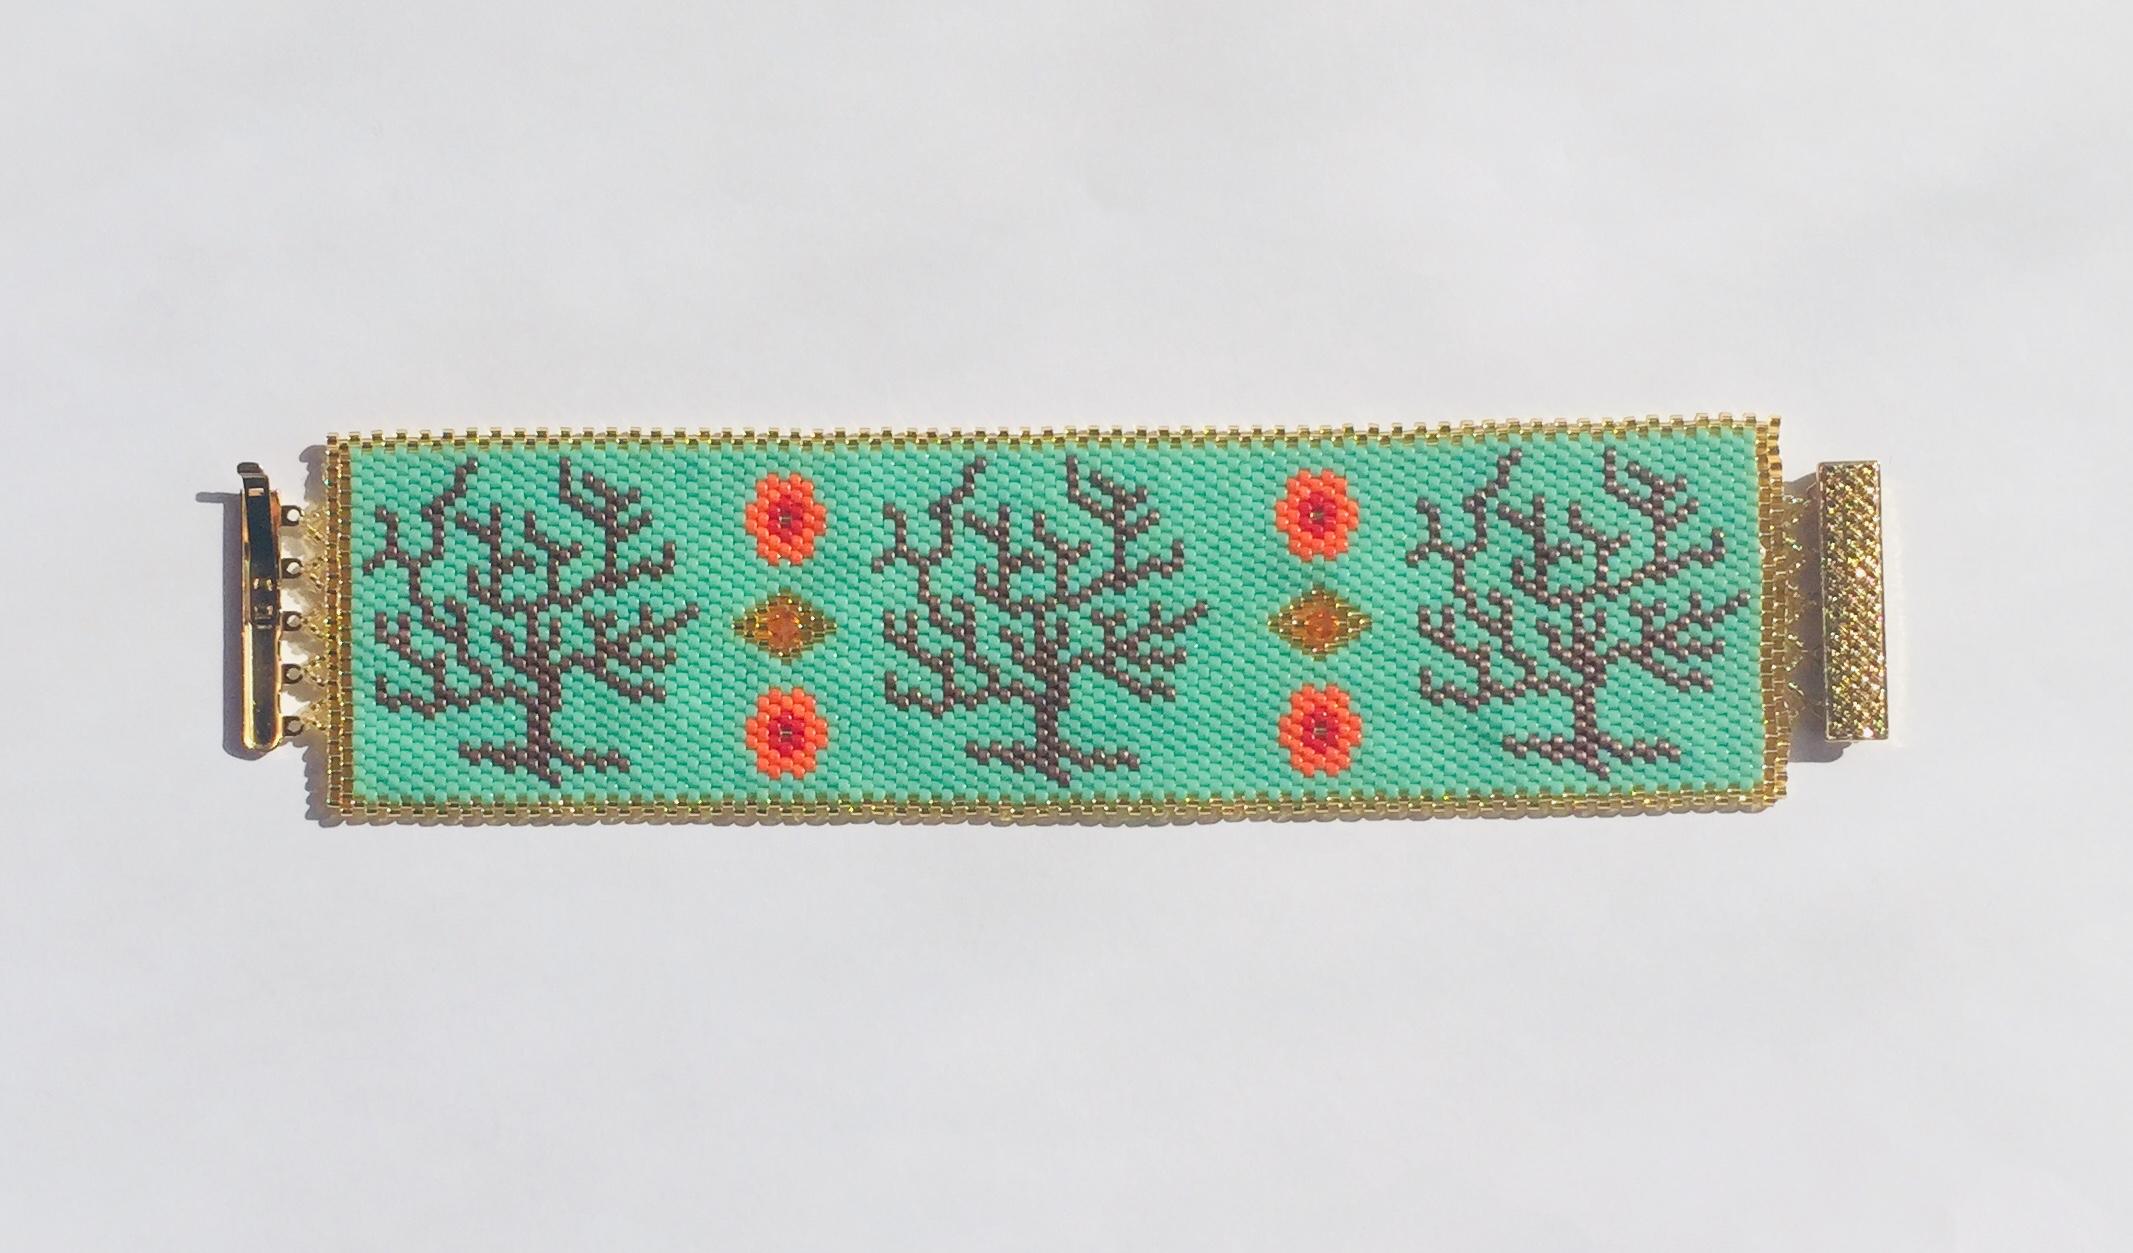 Tree_cuff